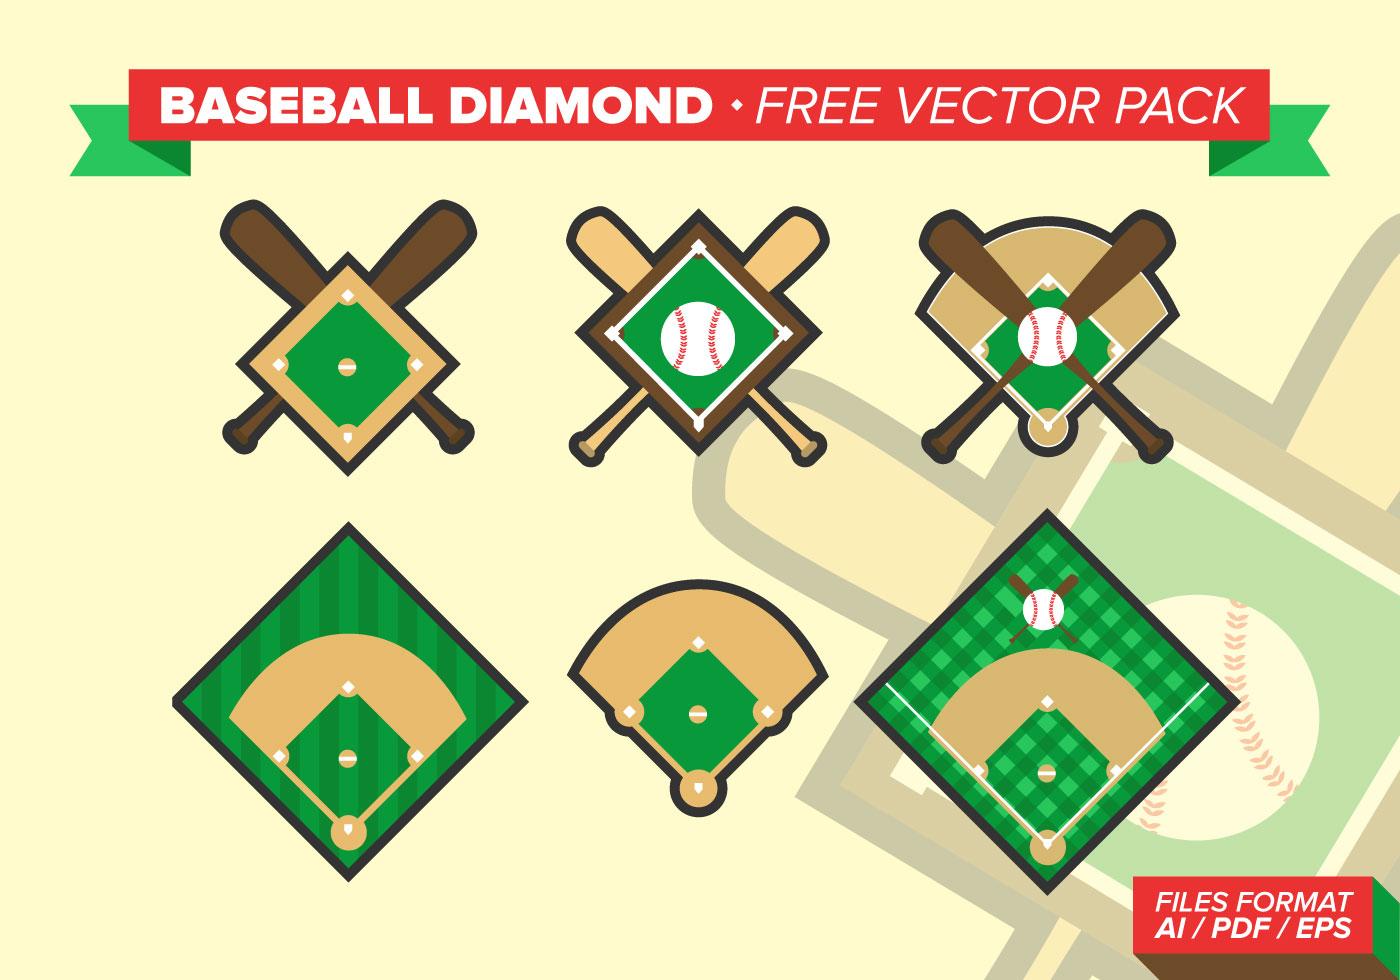 Base ball bat in ass - 1 part 10